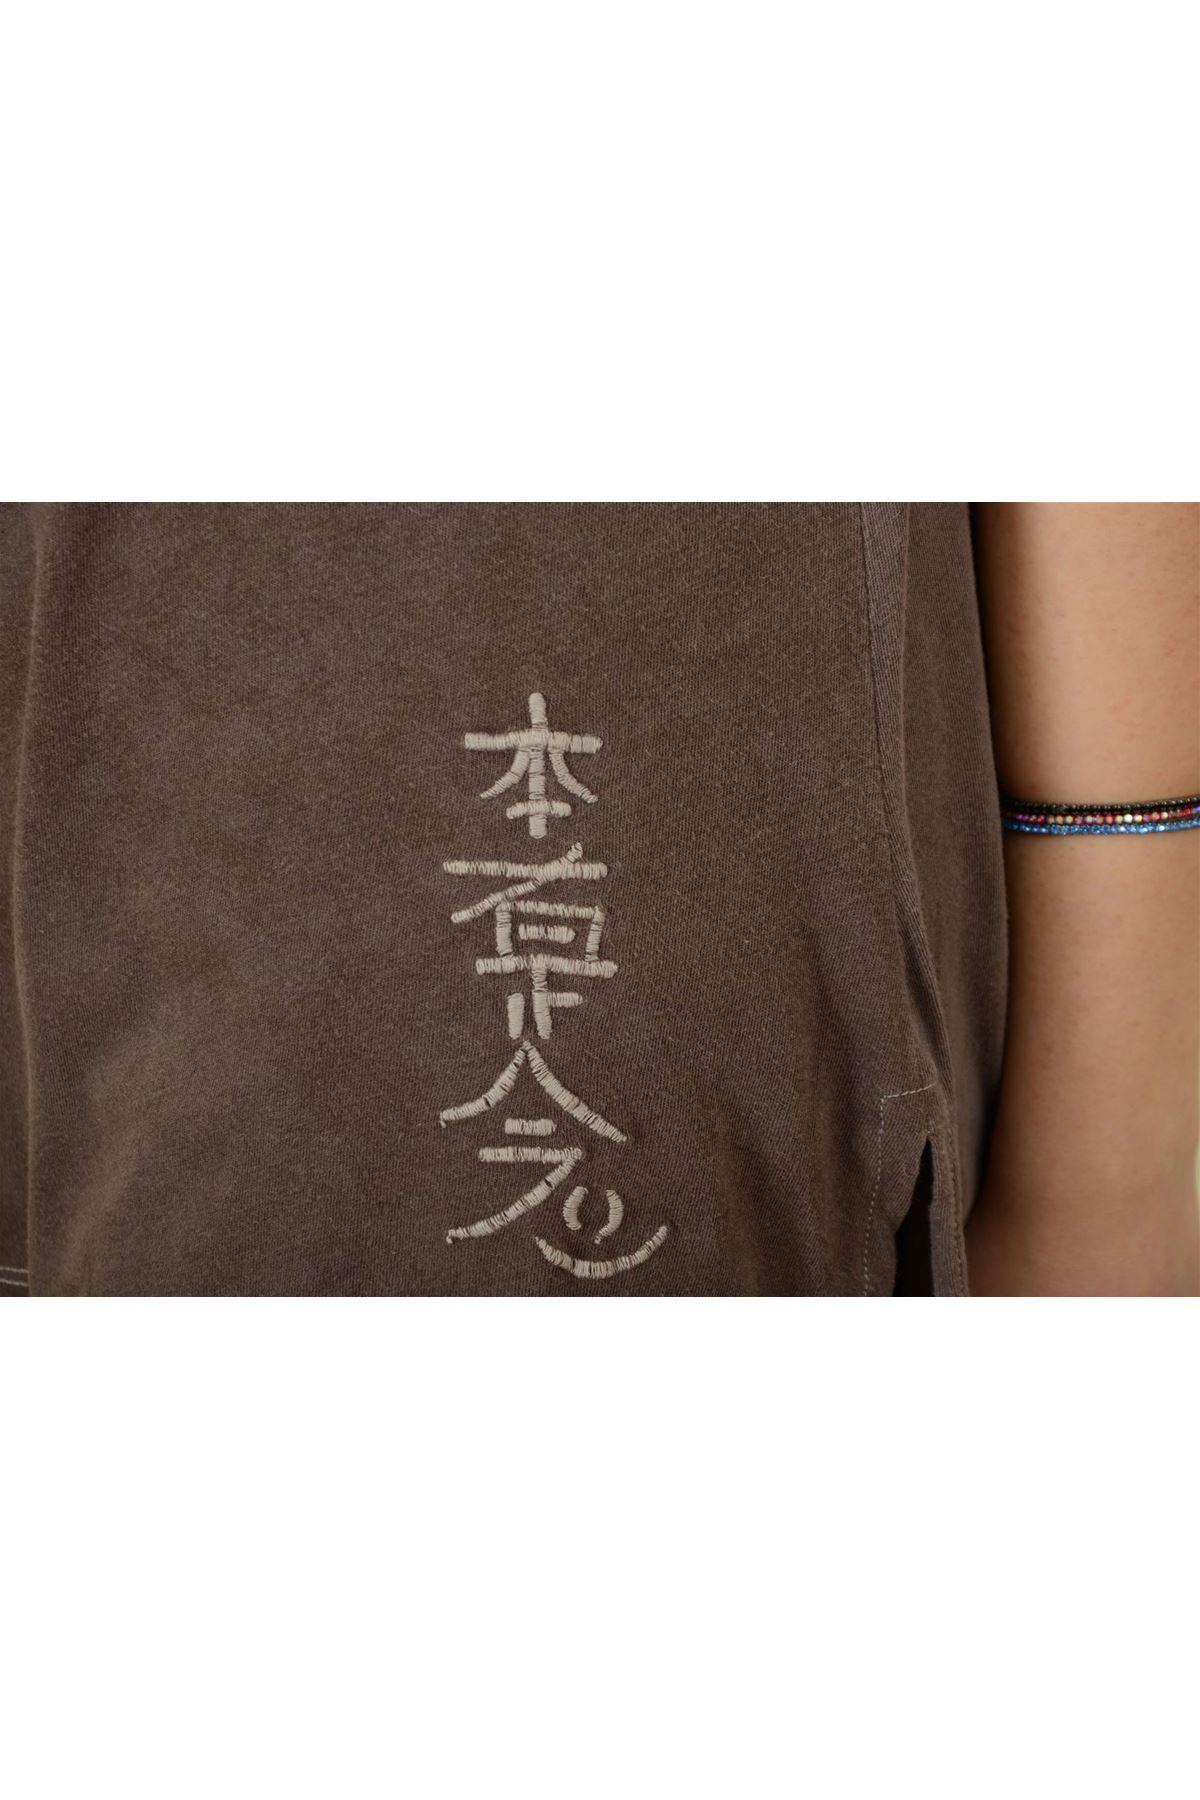 Sedef - Pileli Kısa Kollu Tshirt K1006